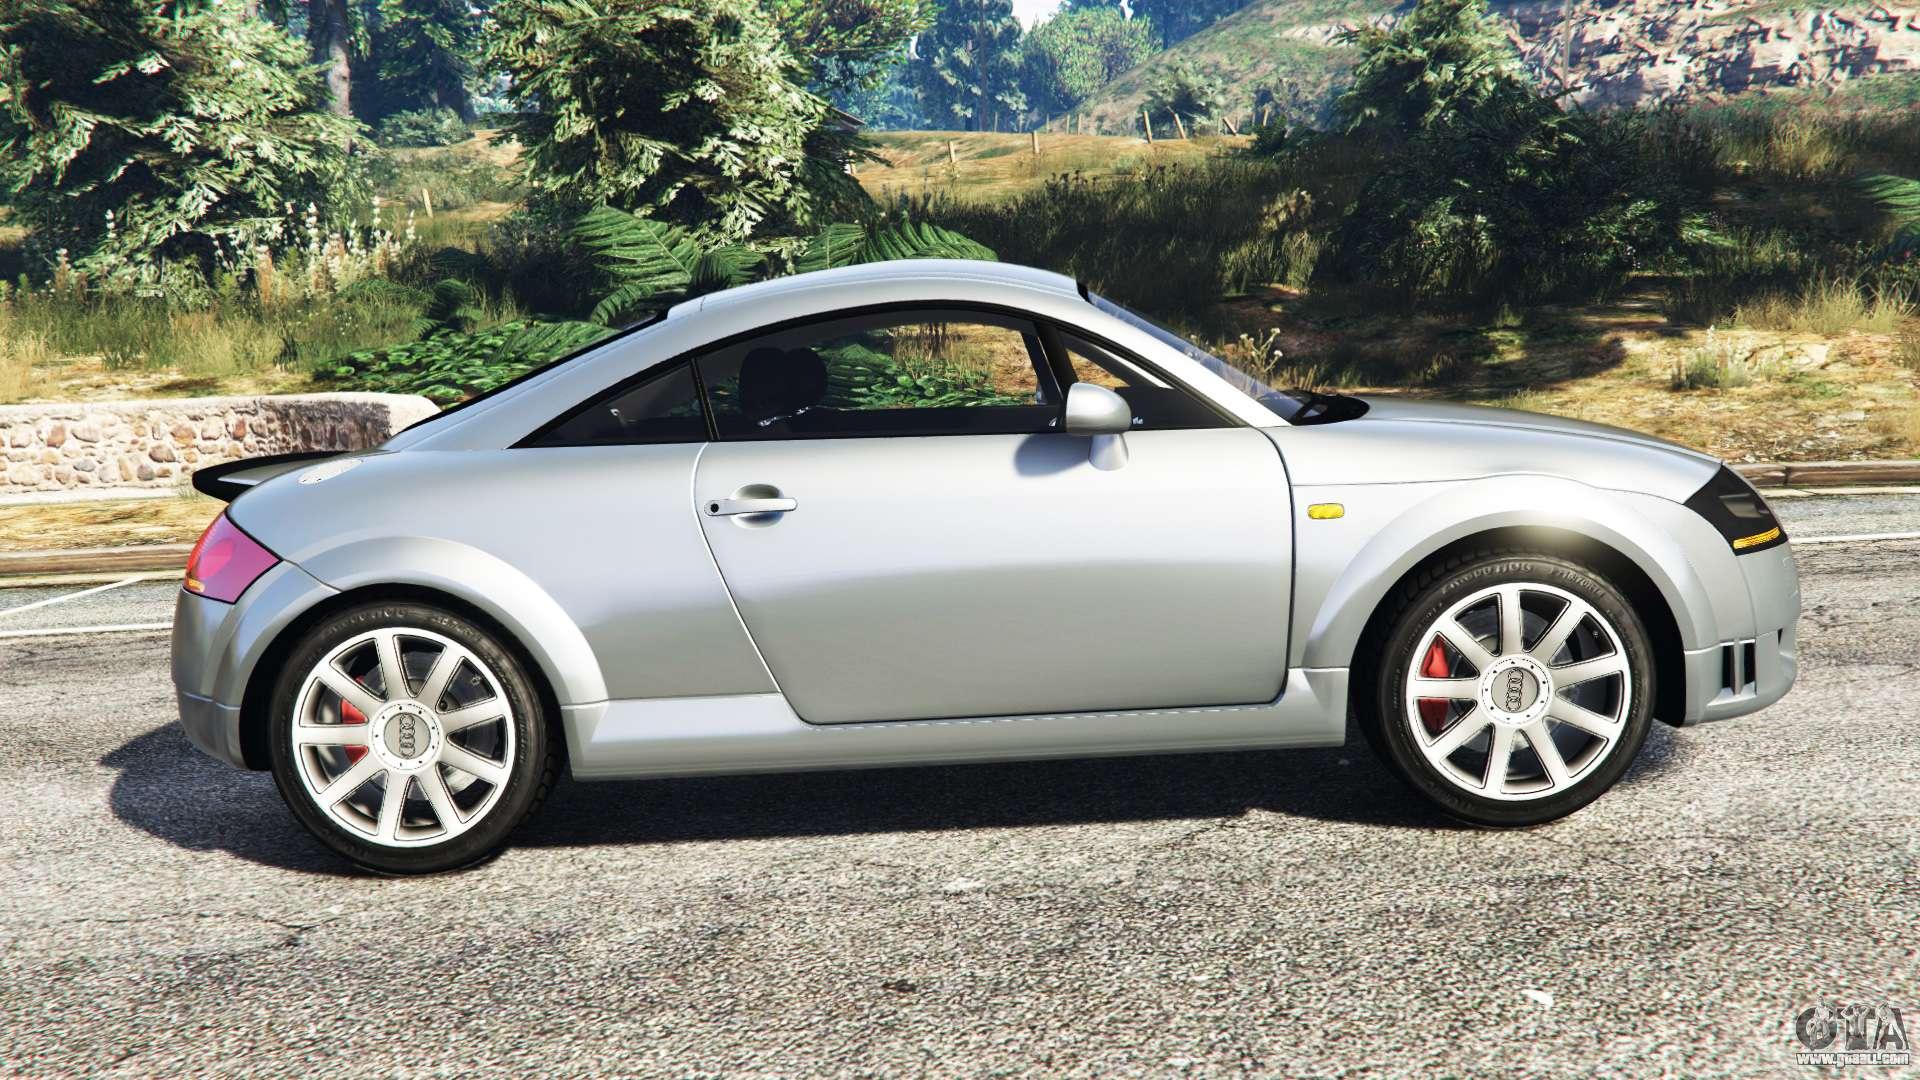 Audi Tt 8n 2004 Replace For Gta 5